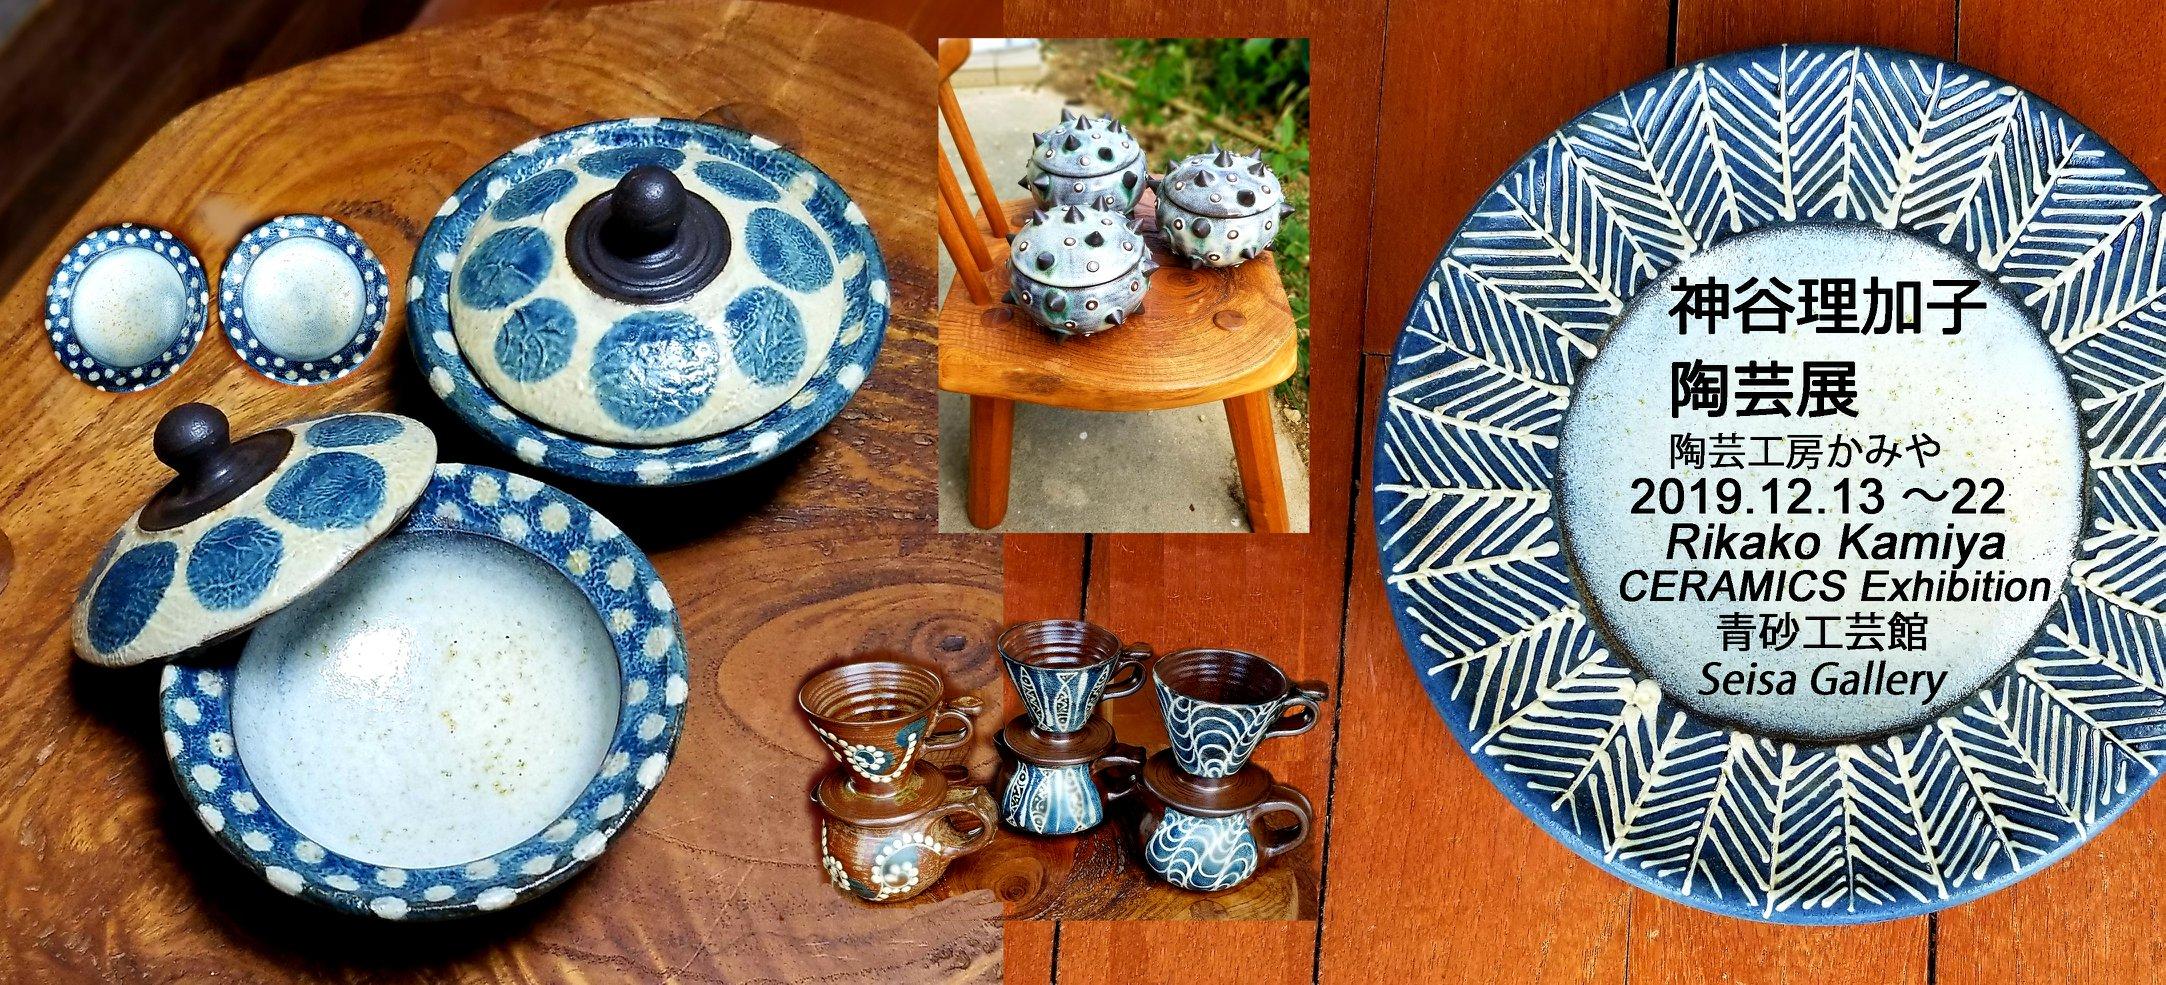 陶芸工房 かみや 神谷理加子さんの個展が開催されます!